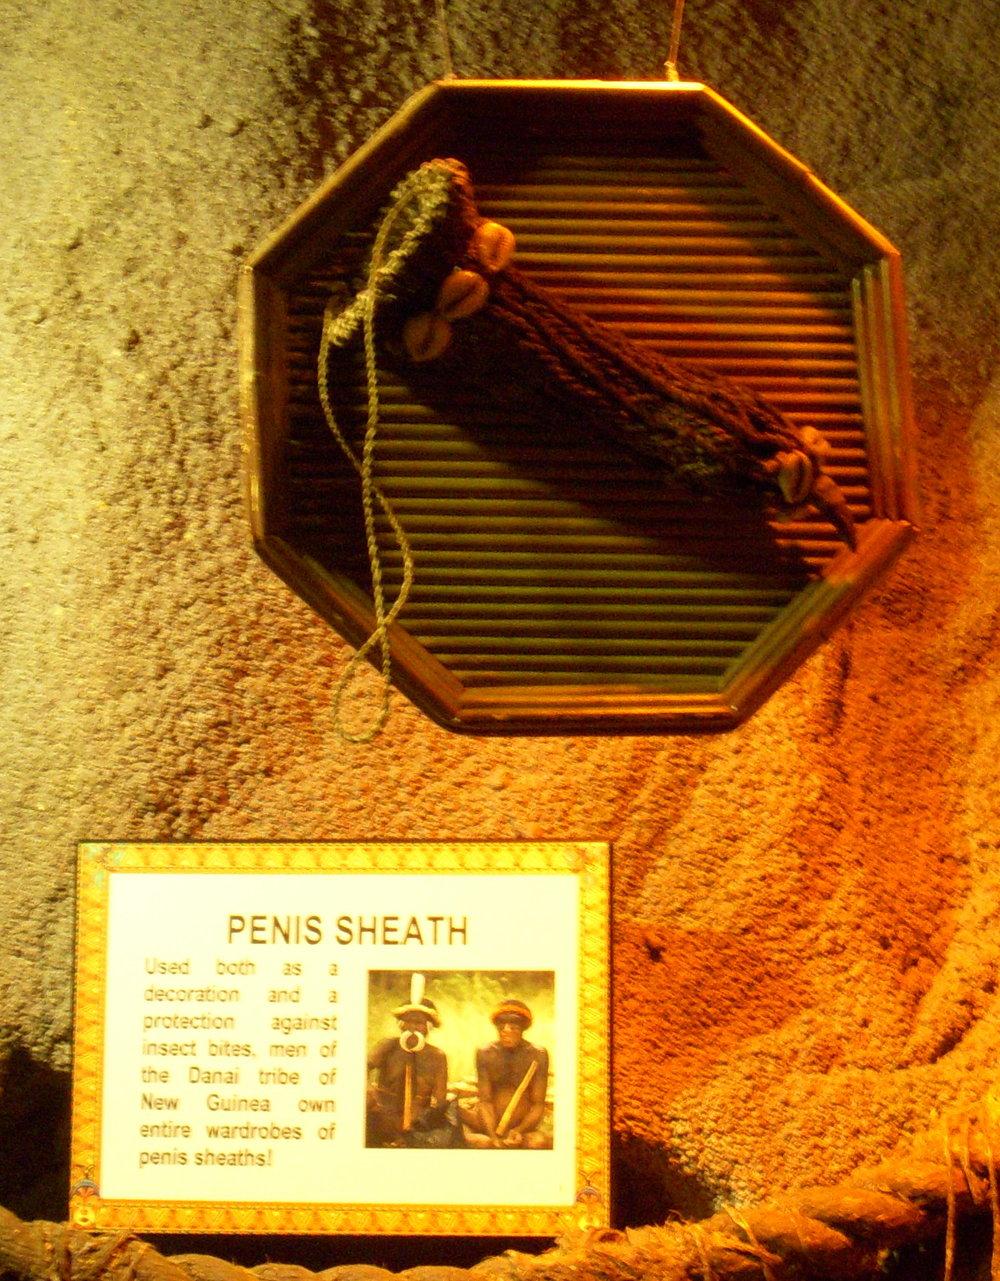 Penis sheath